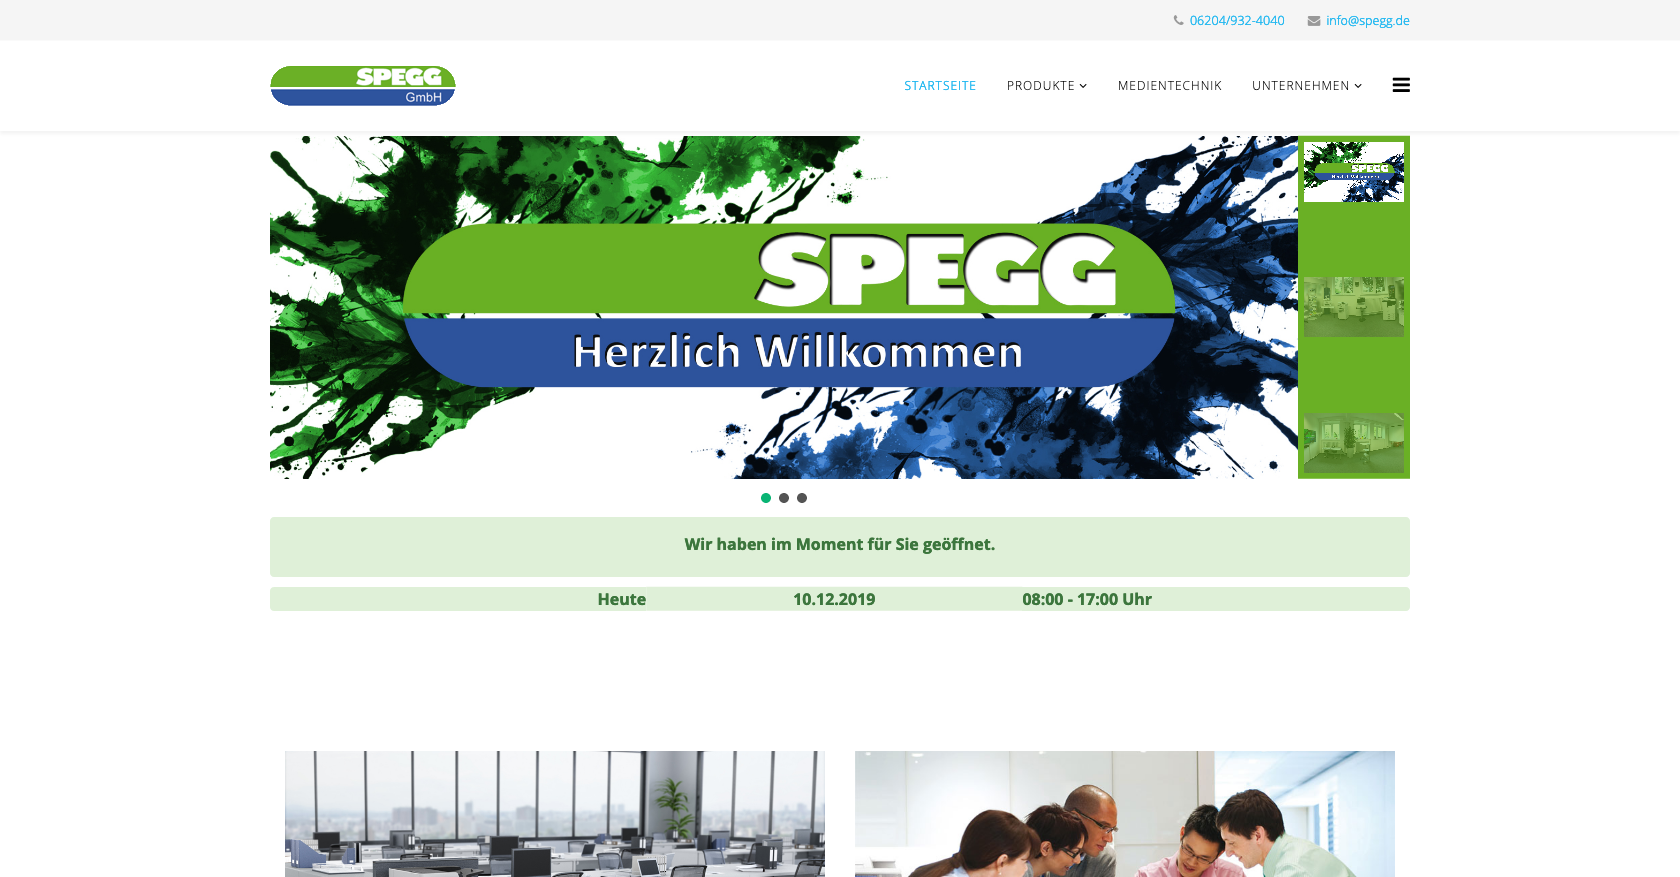 Spegg Kopier- und Informationssysteme GmbH